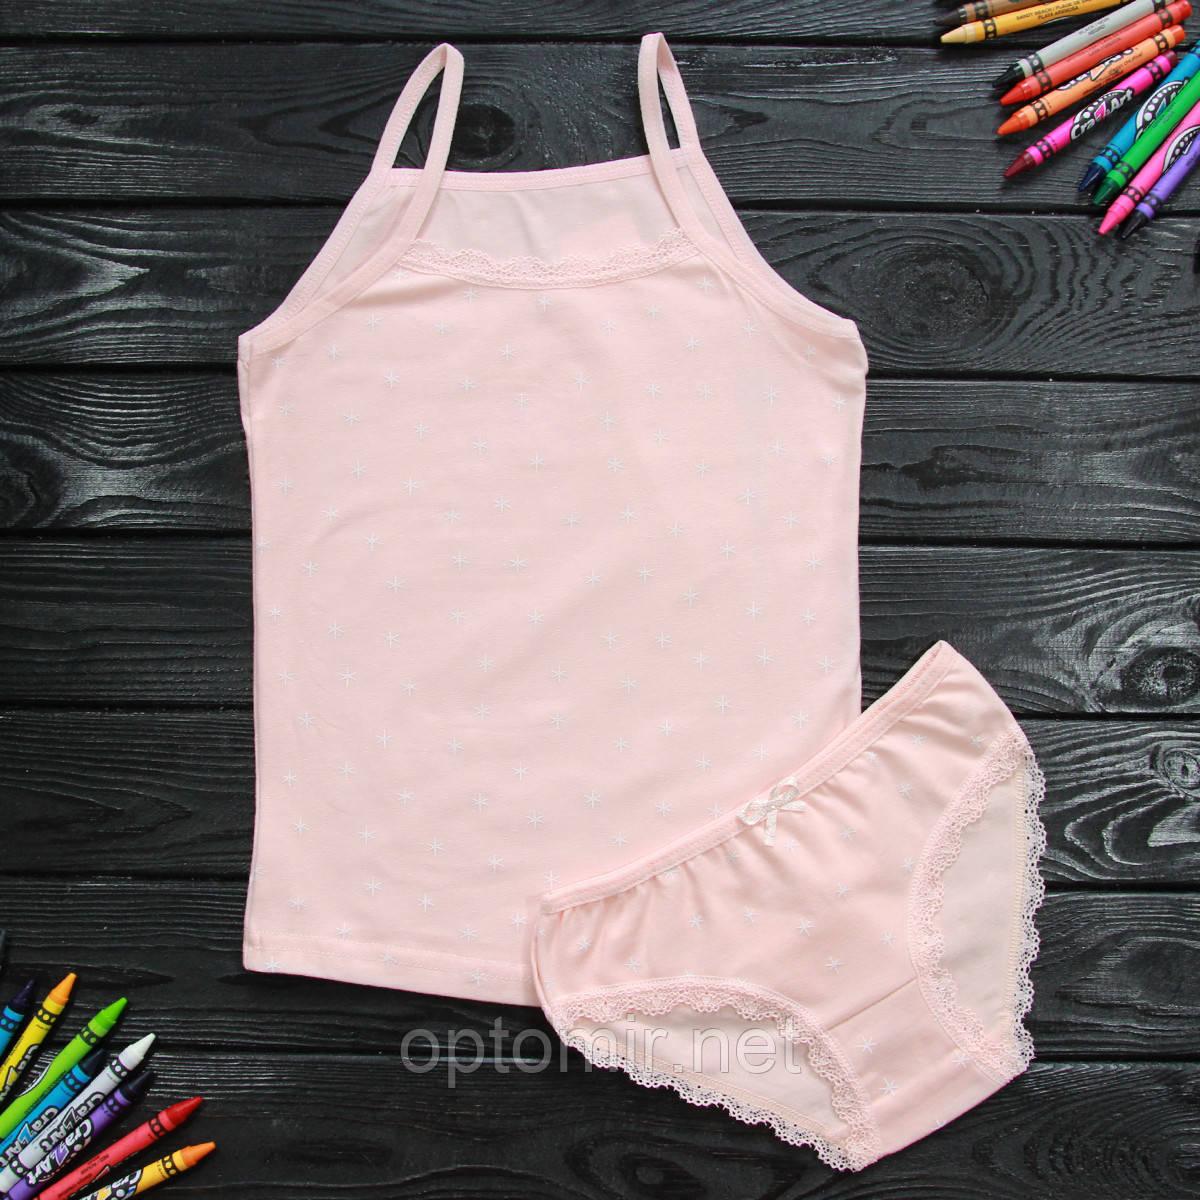 Комплект дитячий Donella з зірками світло-рожевий для дівчинки на 6/7 років